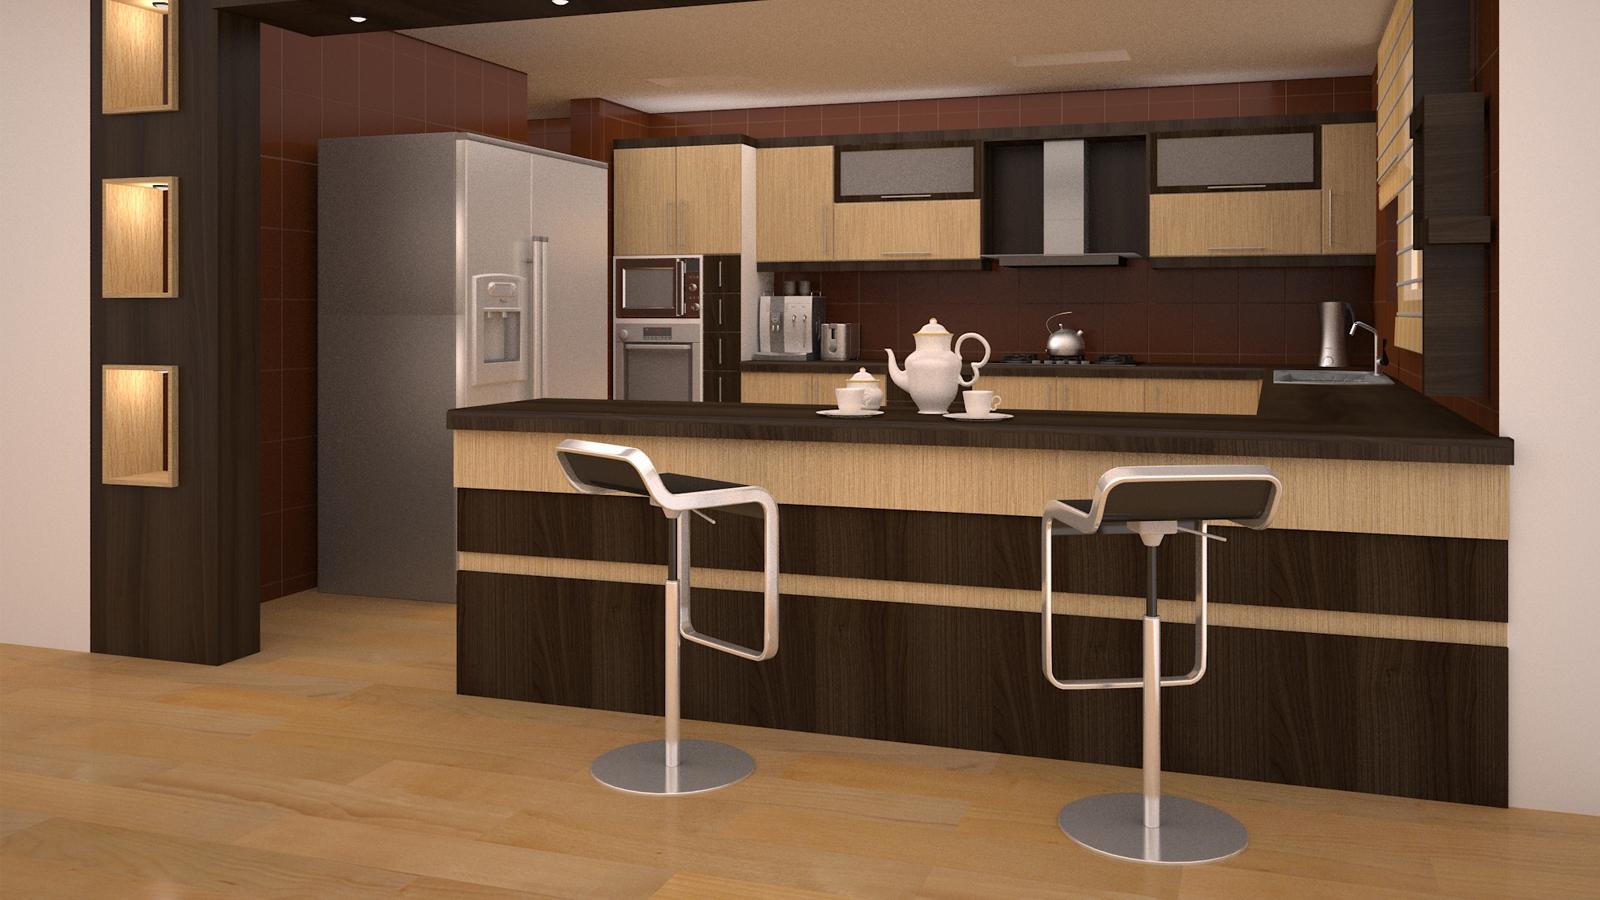 جدیدترین مدل های کابینت ام دی اف MDF در آشپزخانه